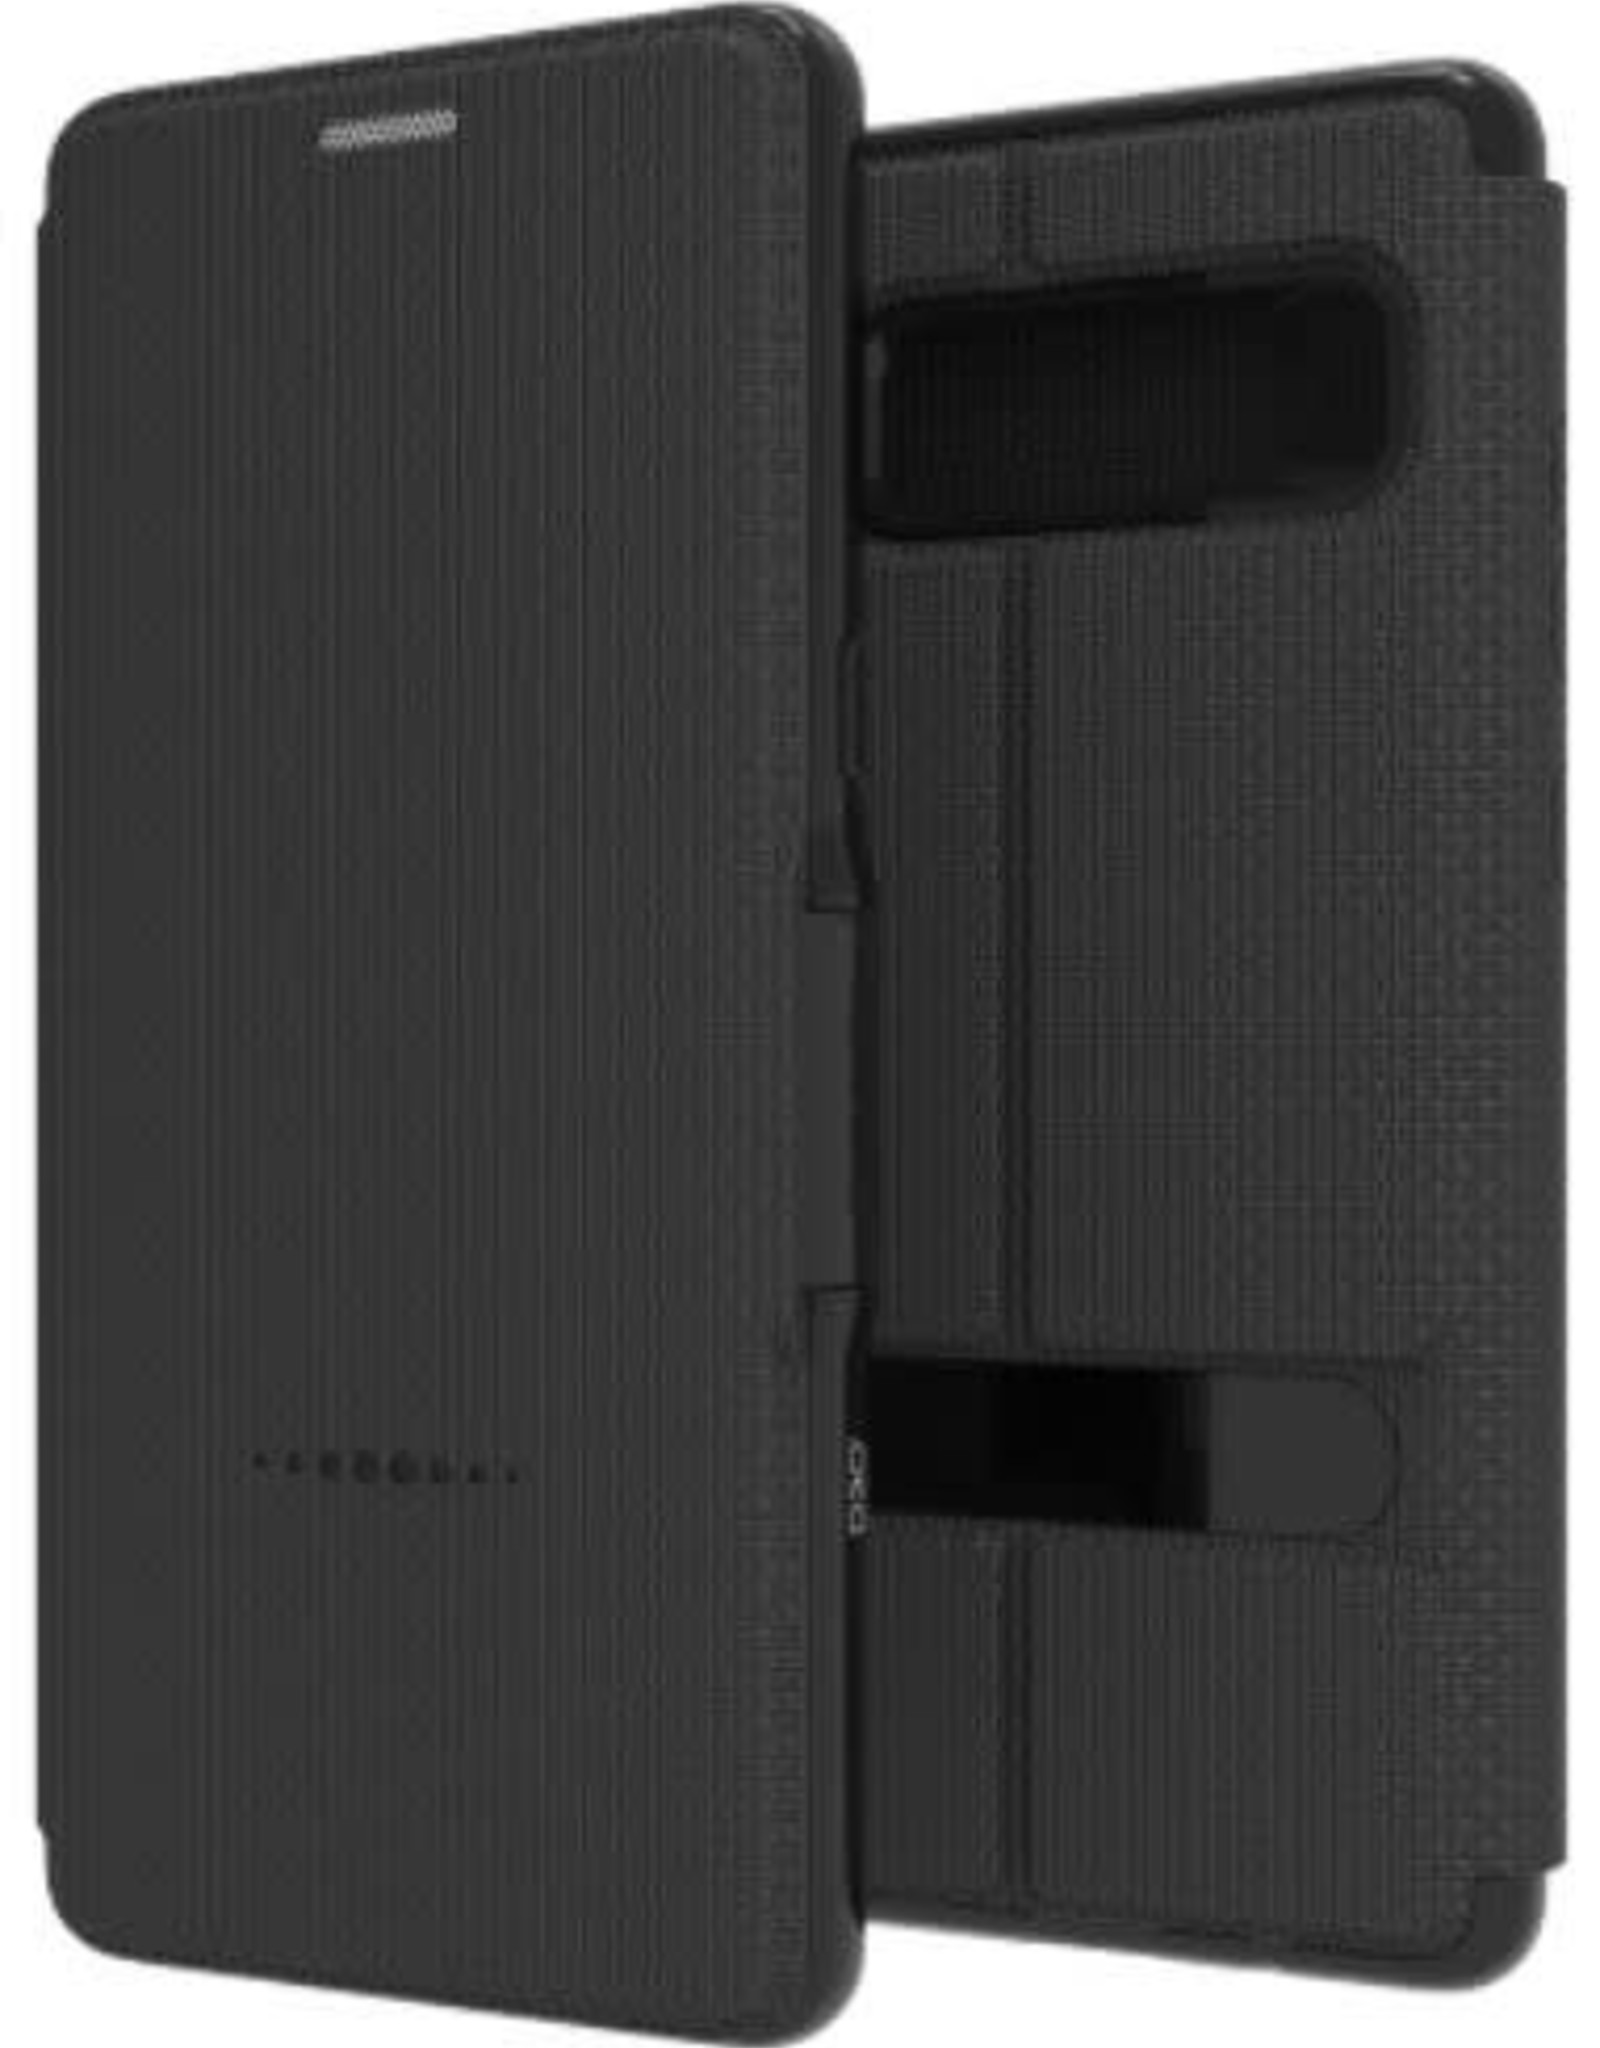 GEAR4 GEAR4 | Samsung Galaxy Note 8 D3O Black Oxford | 15-02027